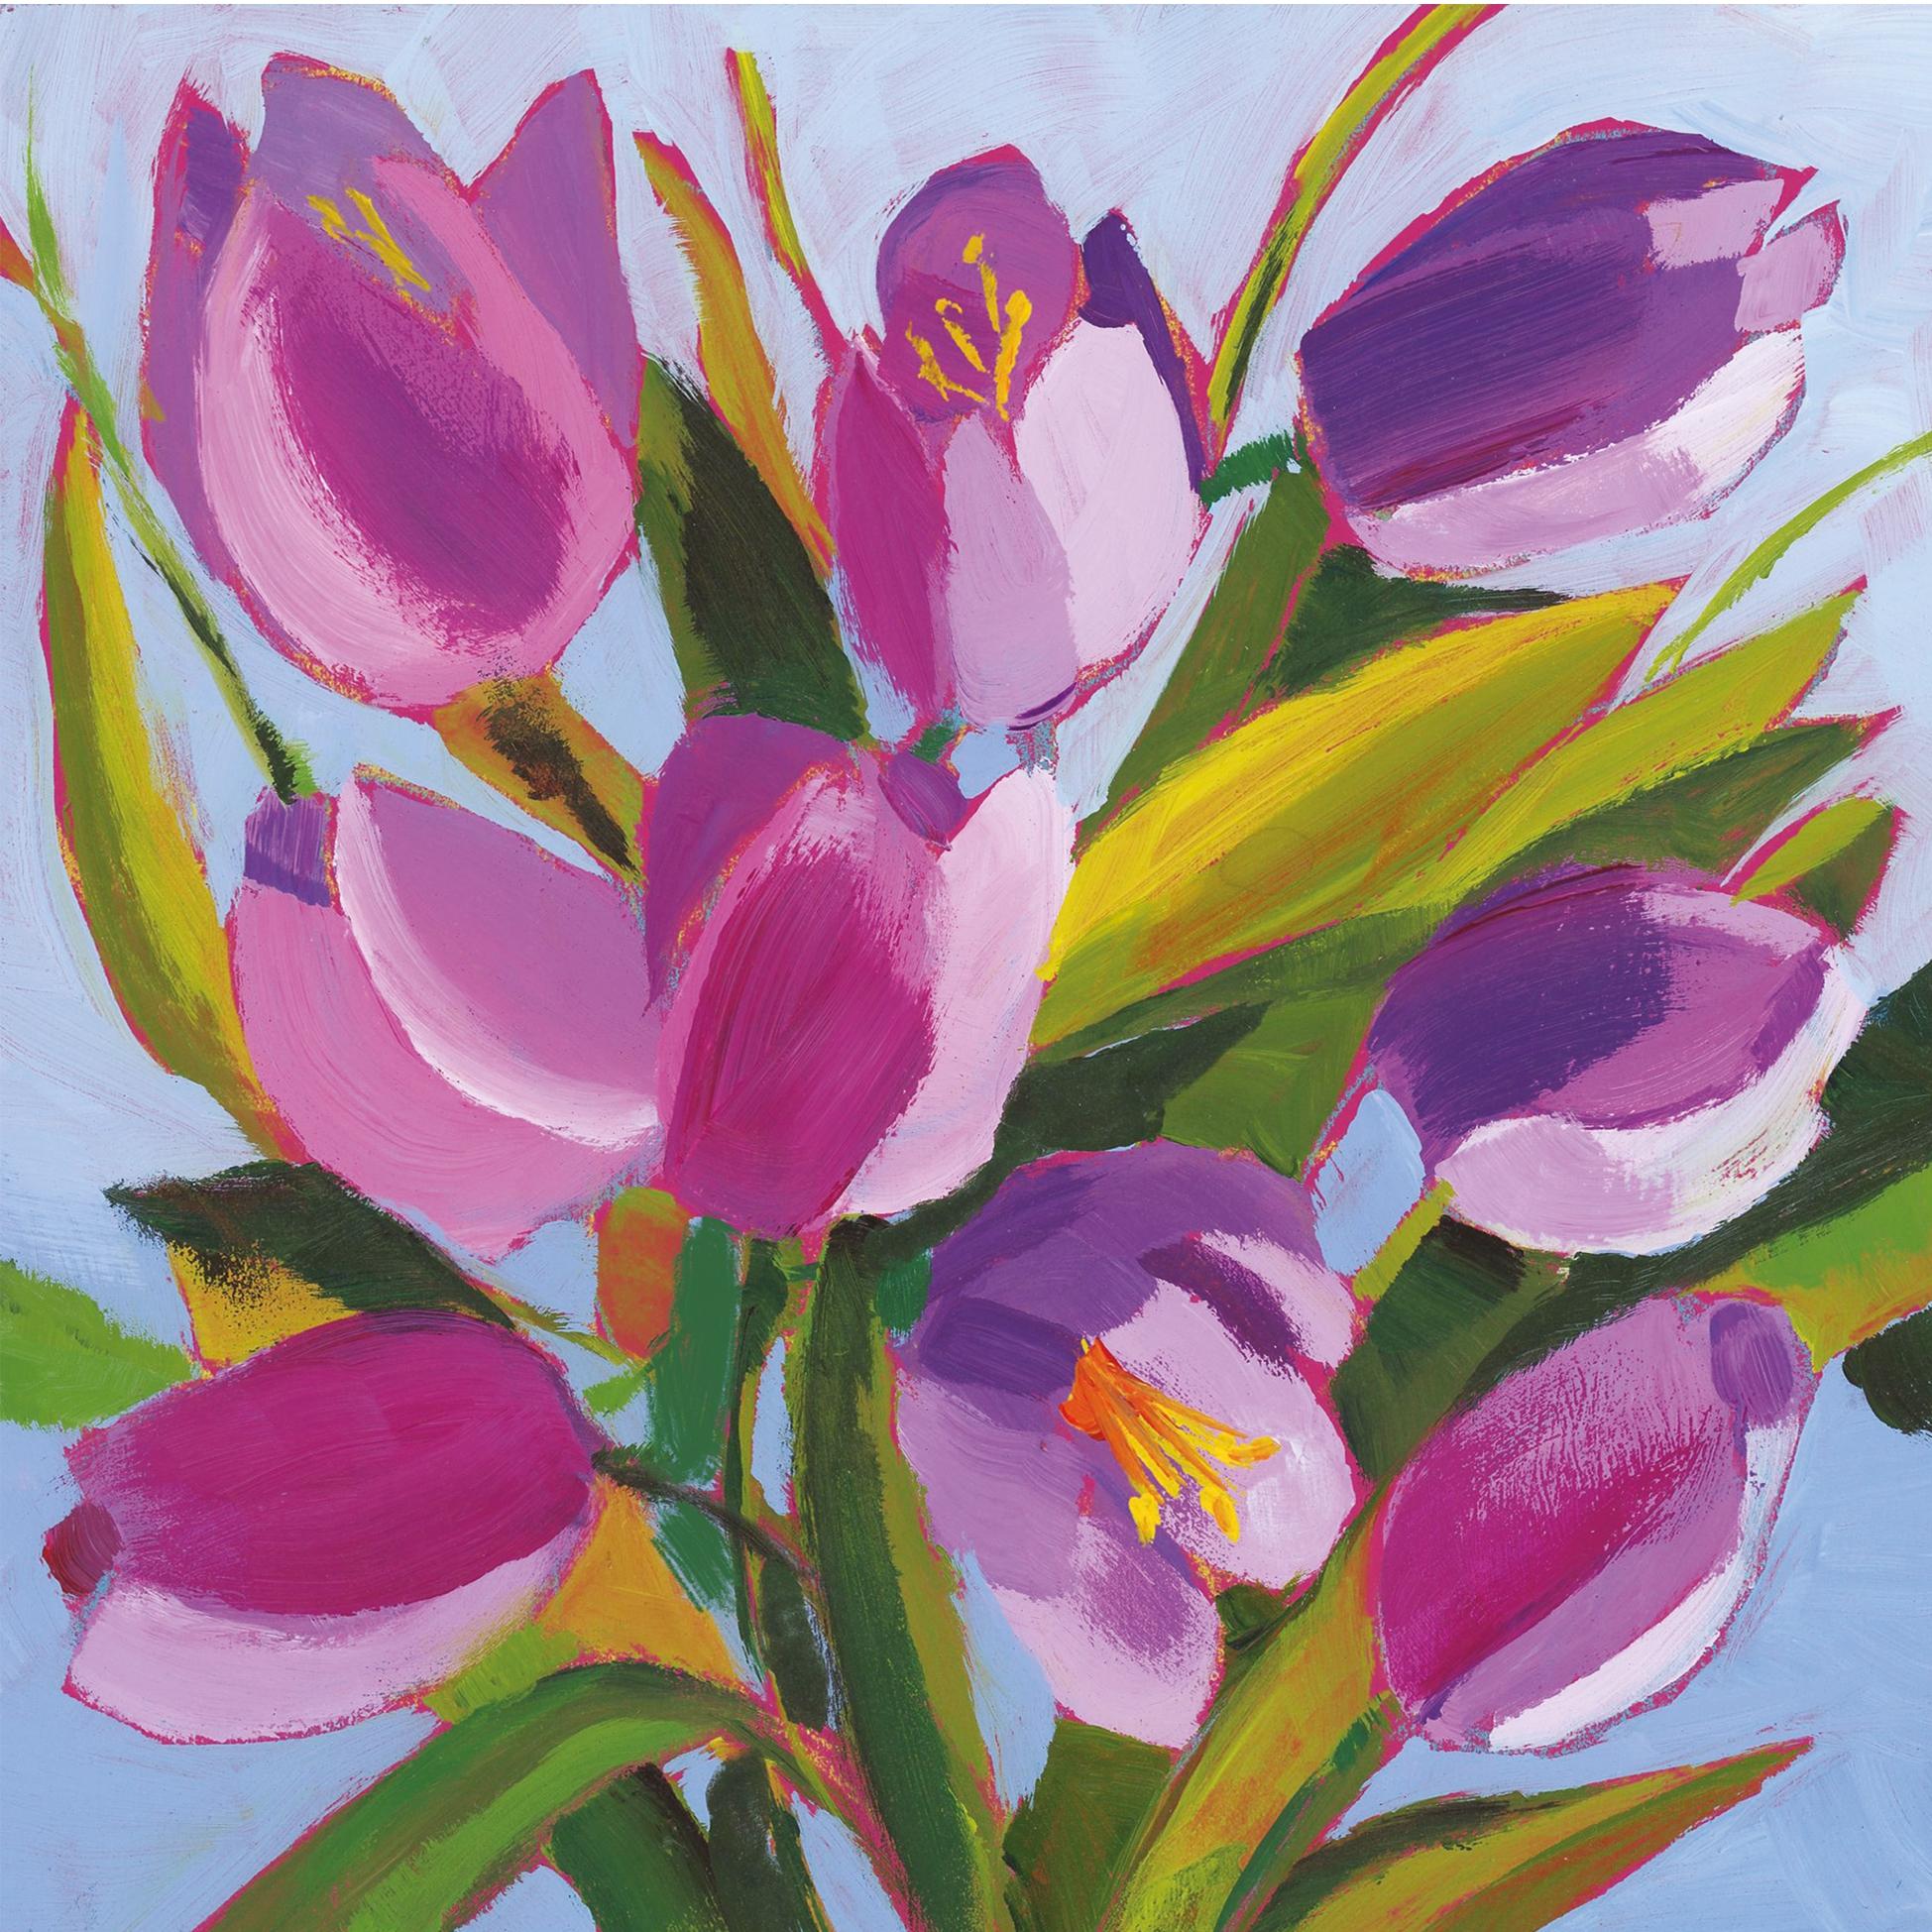 Servilletas 33x33 cm - Tulips Musée